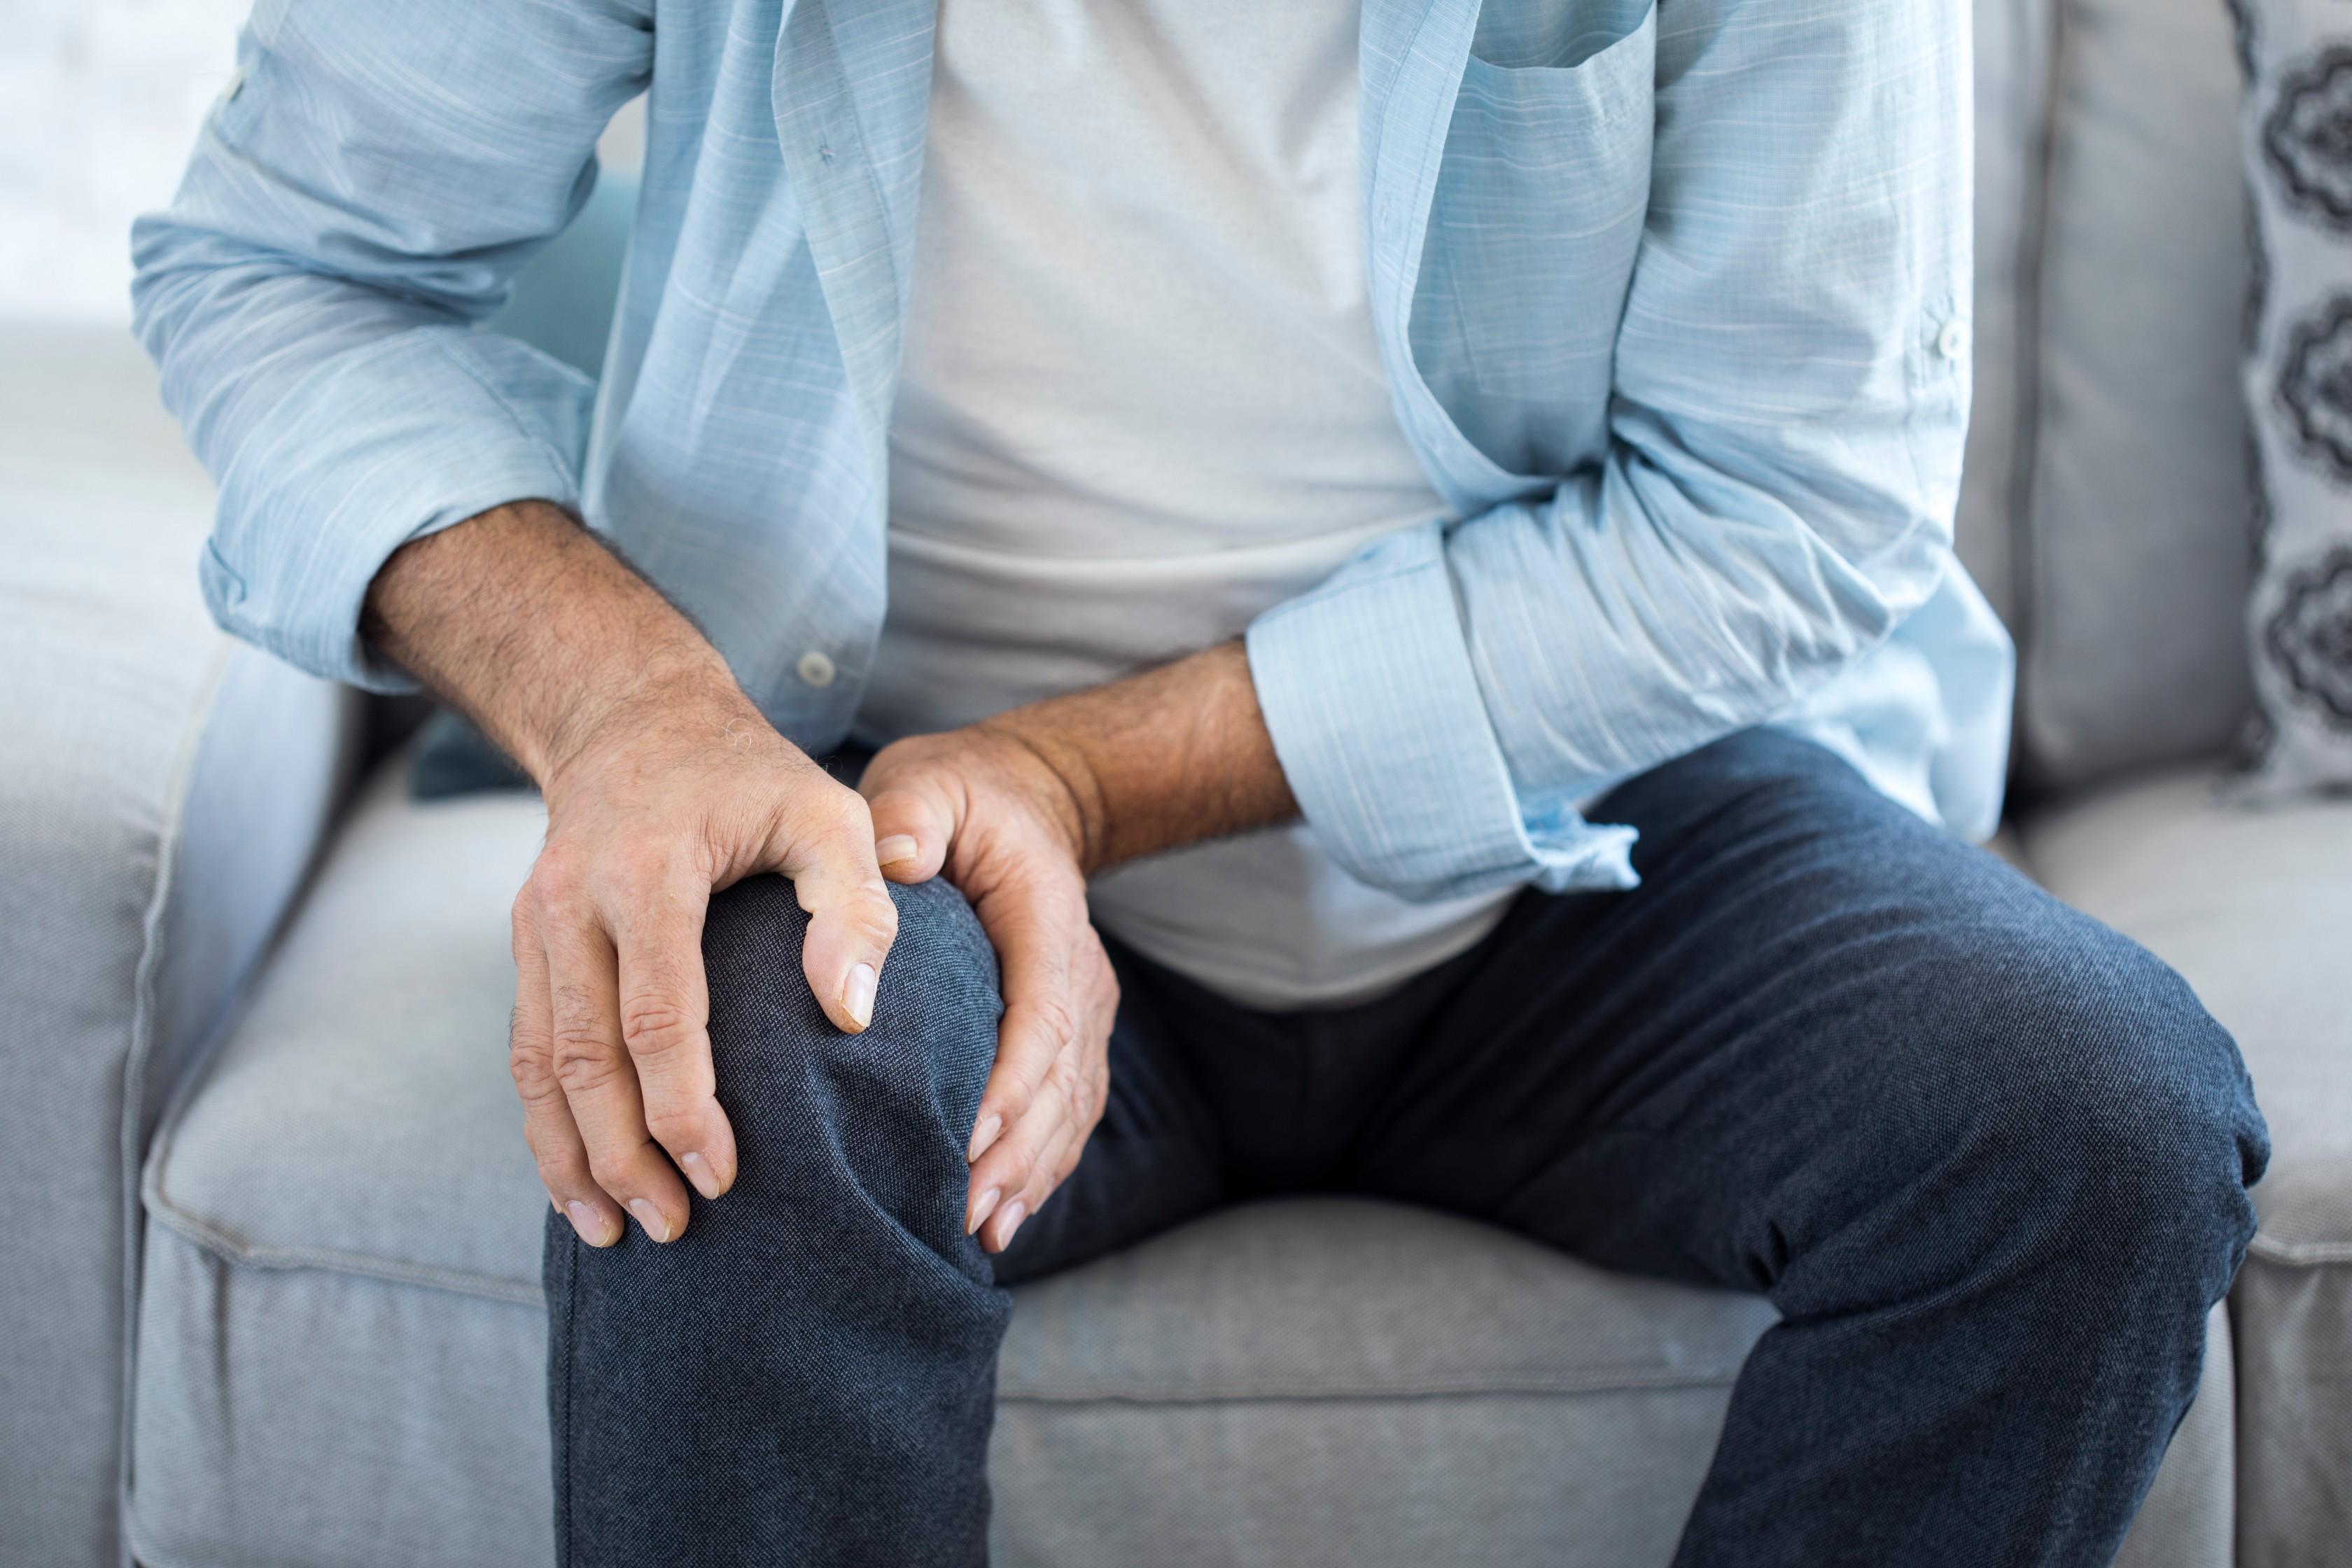 fájó térdfájdalom okozza a kezelést mit kell inni vitamint ízületi fájdalmakhoz